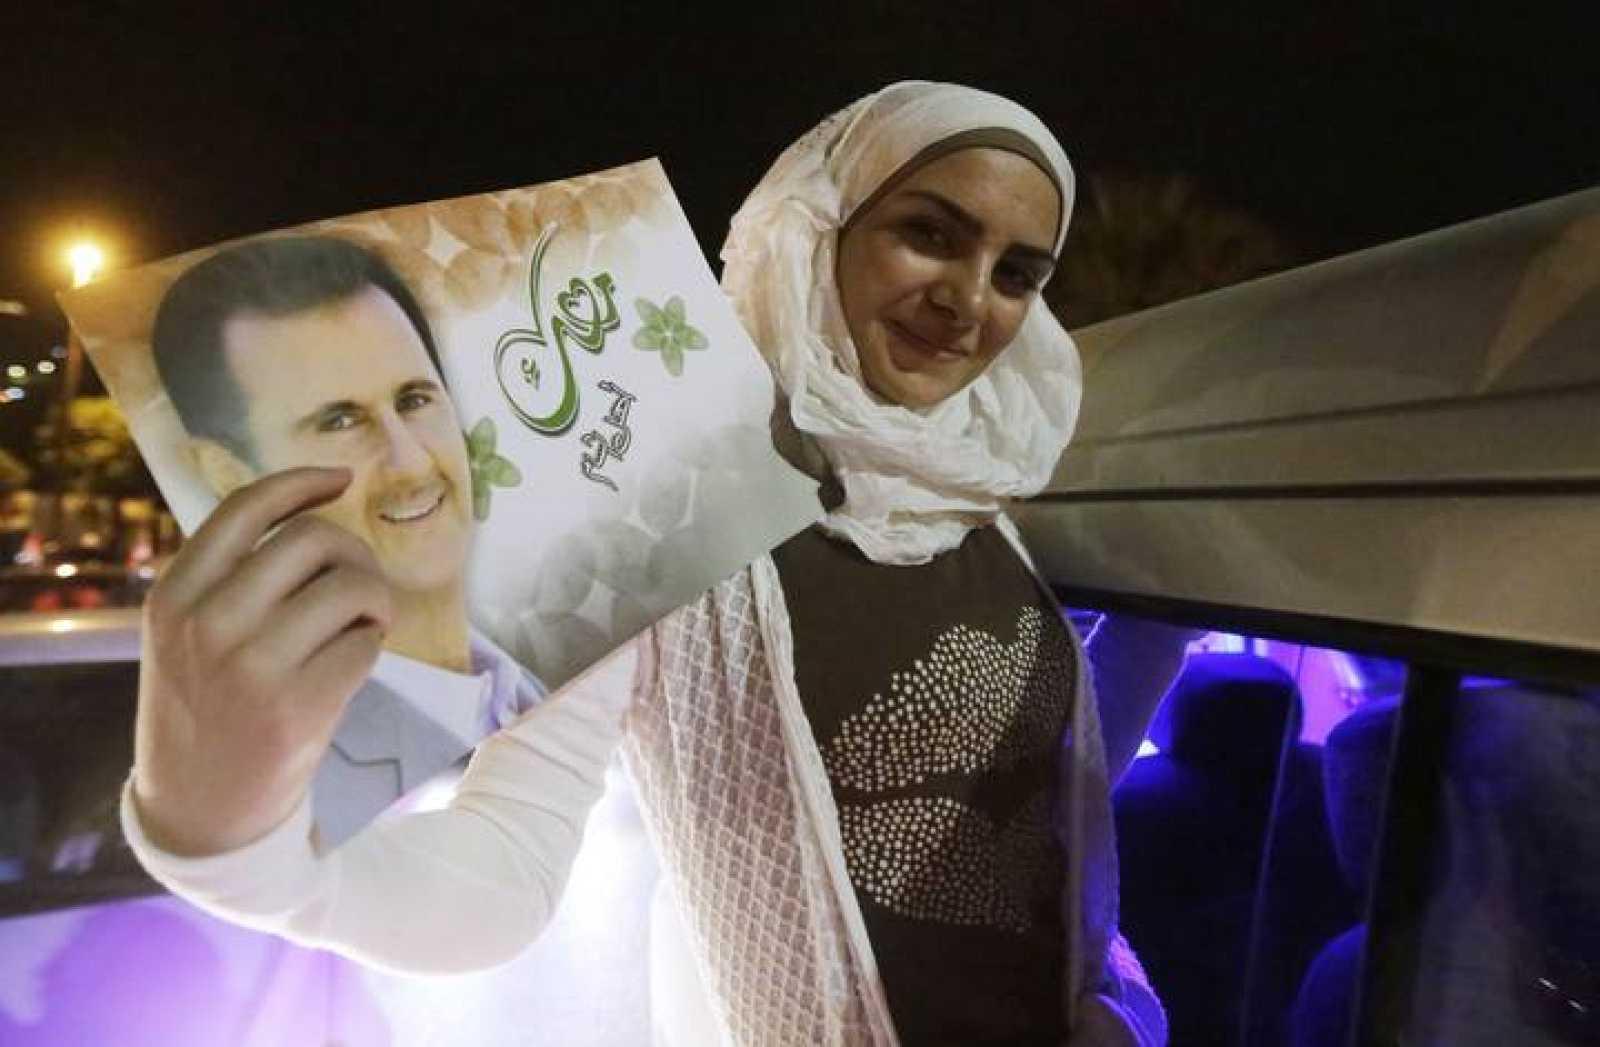 Una mujer sostiene un cuadro de Al Assad que muestra orgullosa al celebrar la victoria del político.